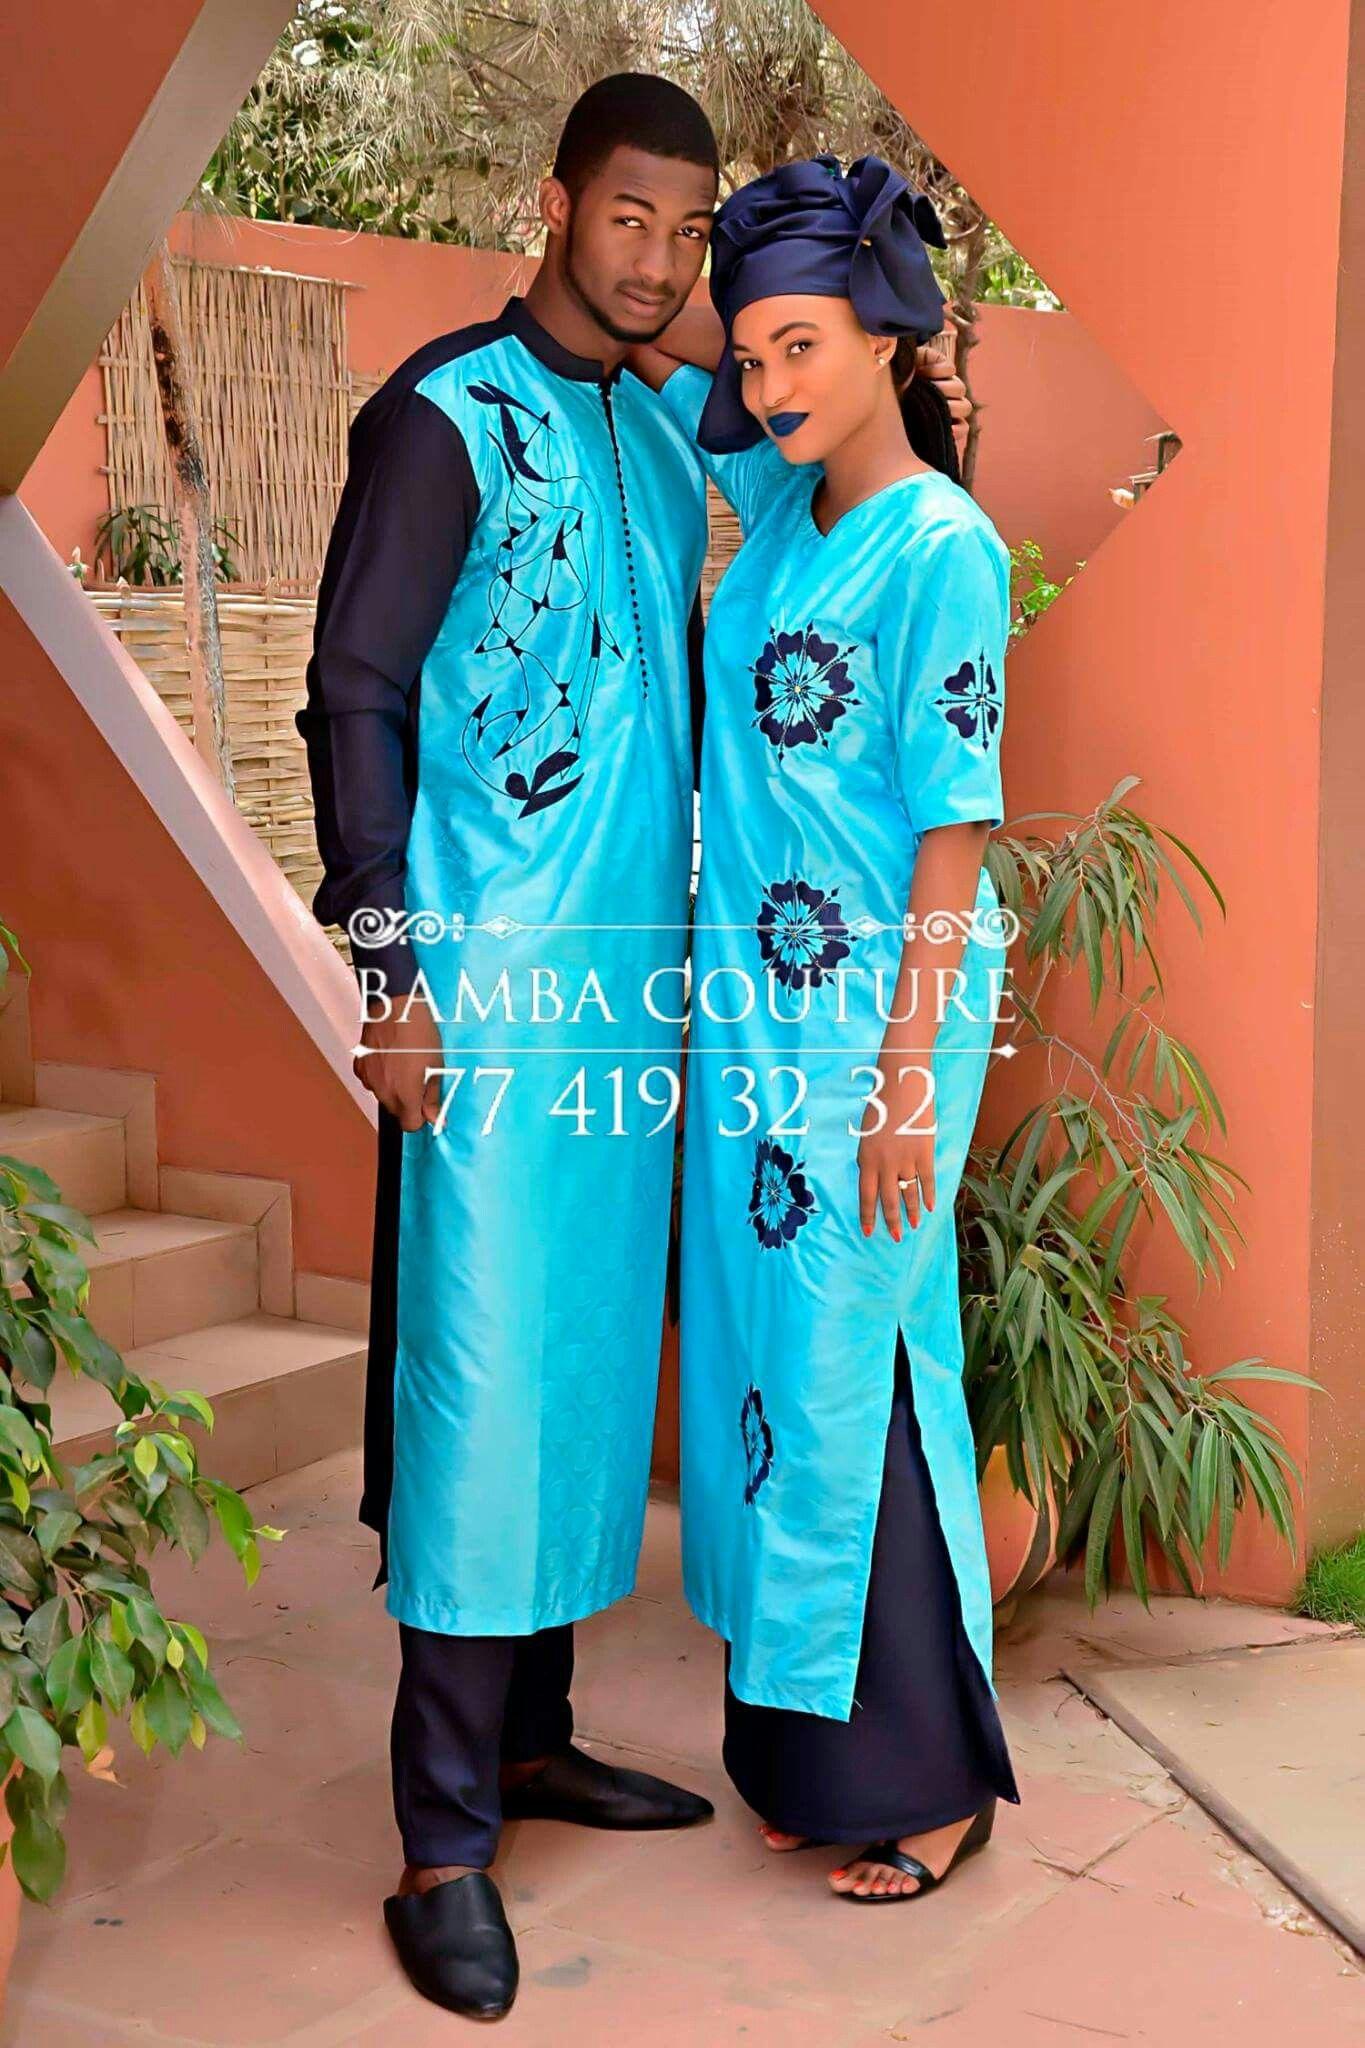 Épinglé par Banna Sané sur couple | Mode africaine, Robe africaine, Mode africaine homme